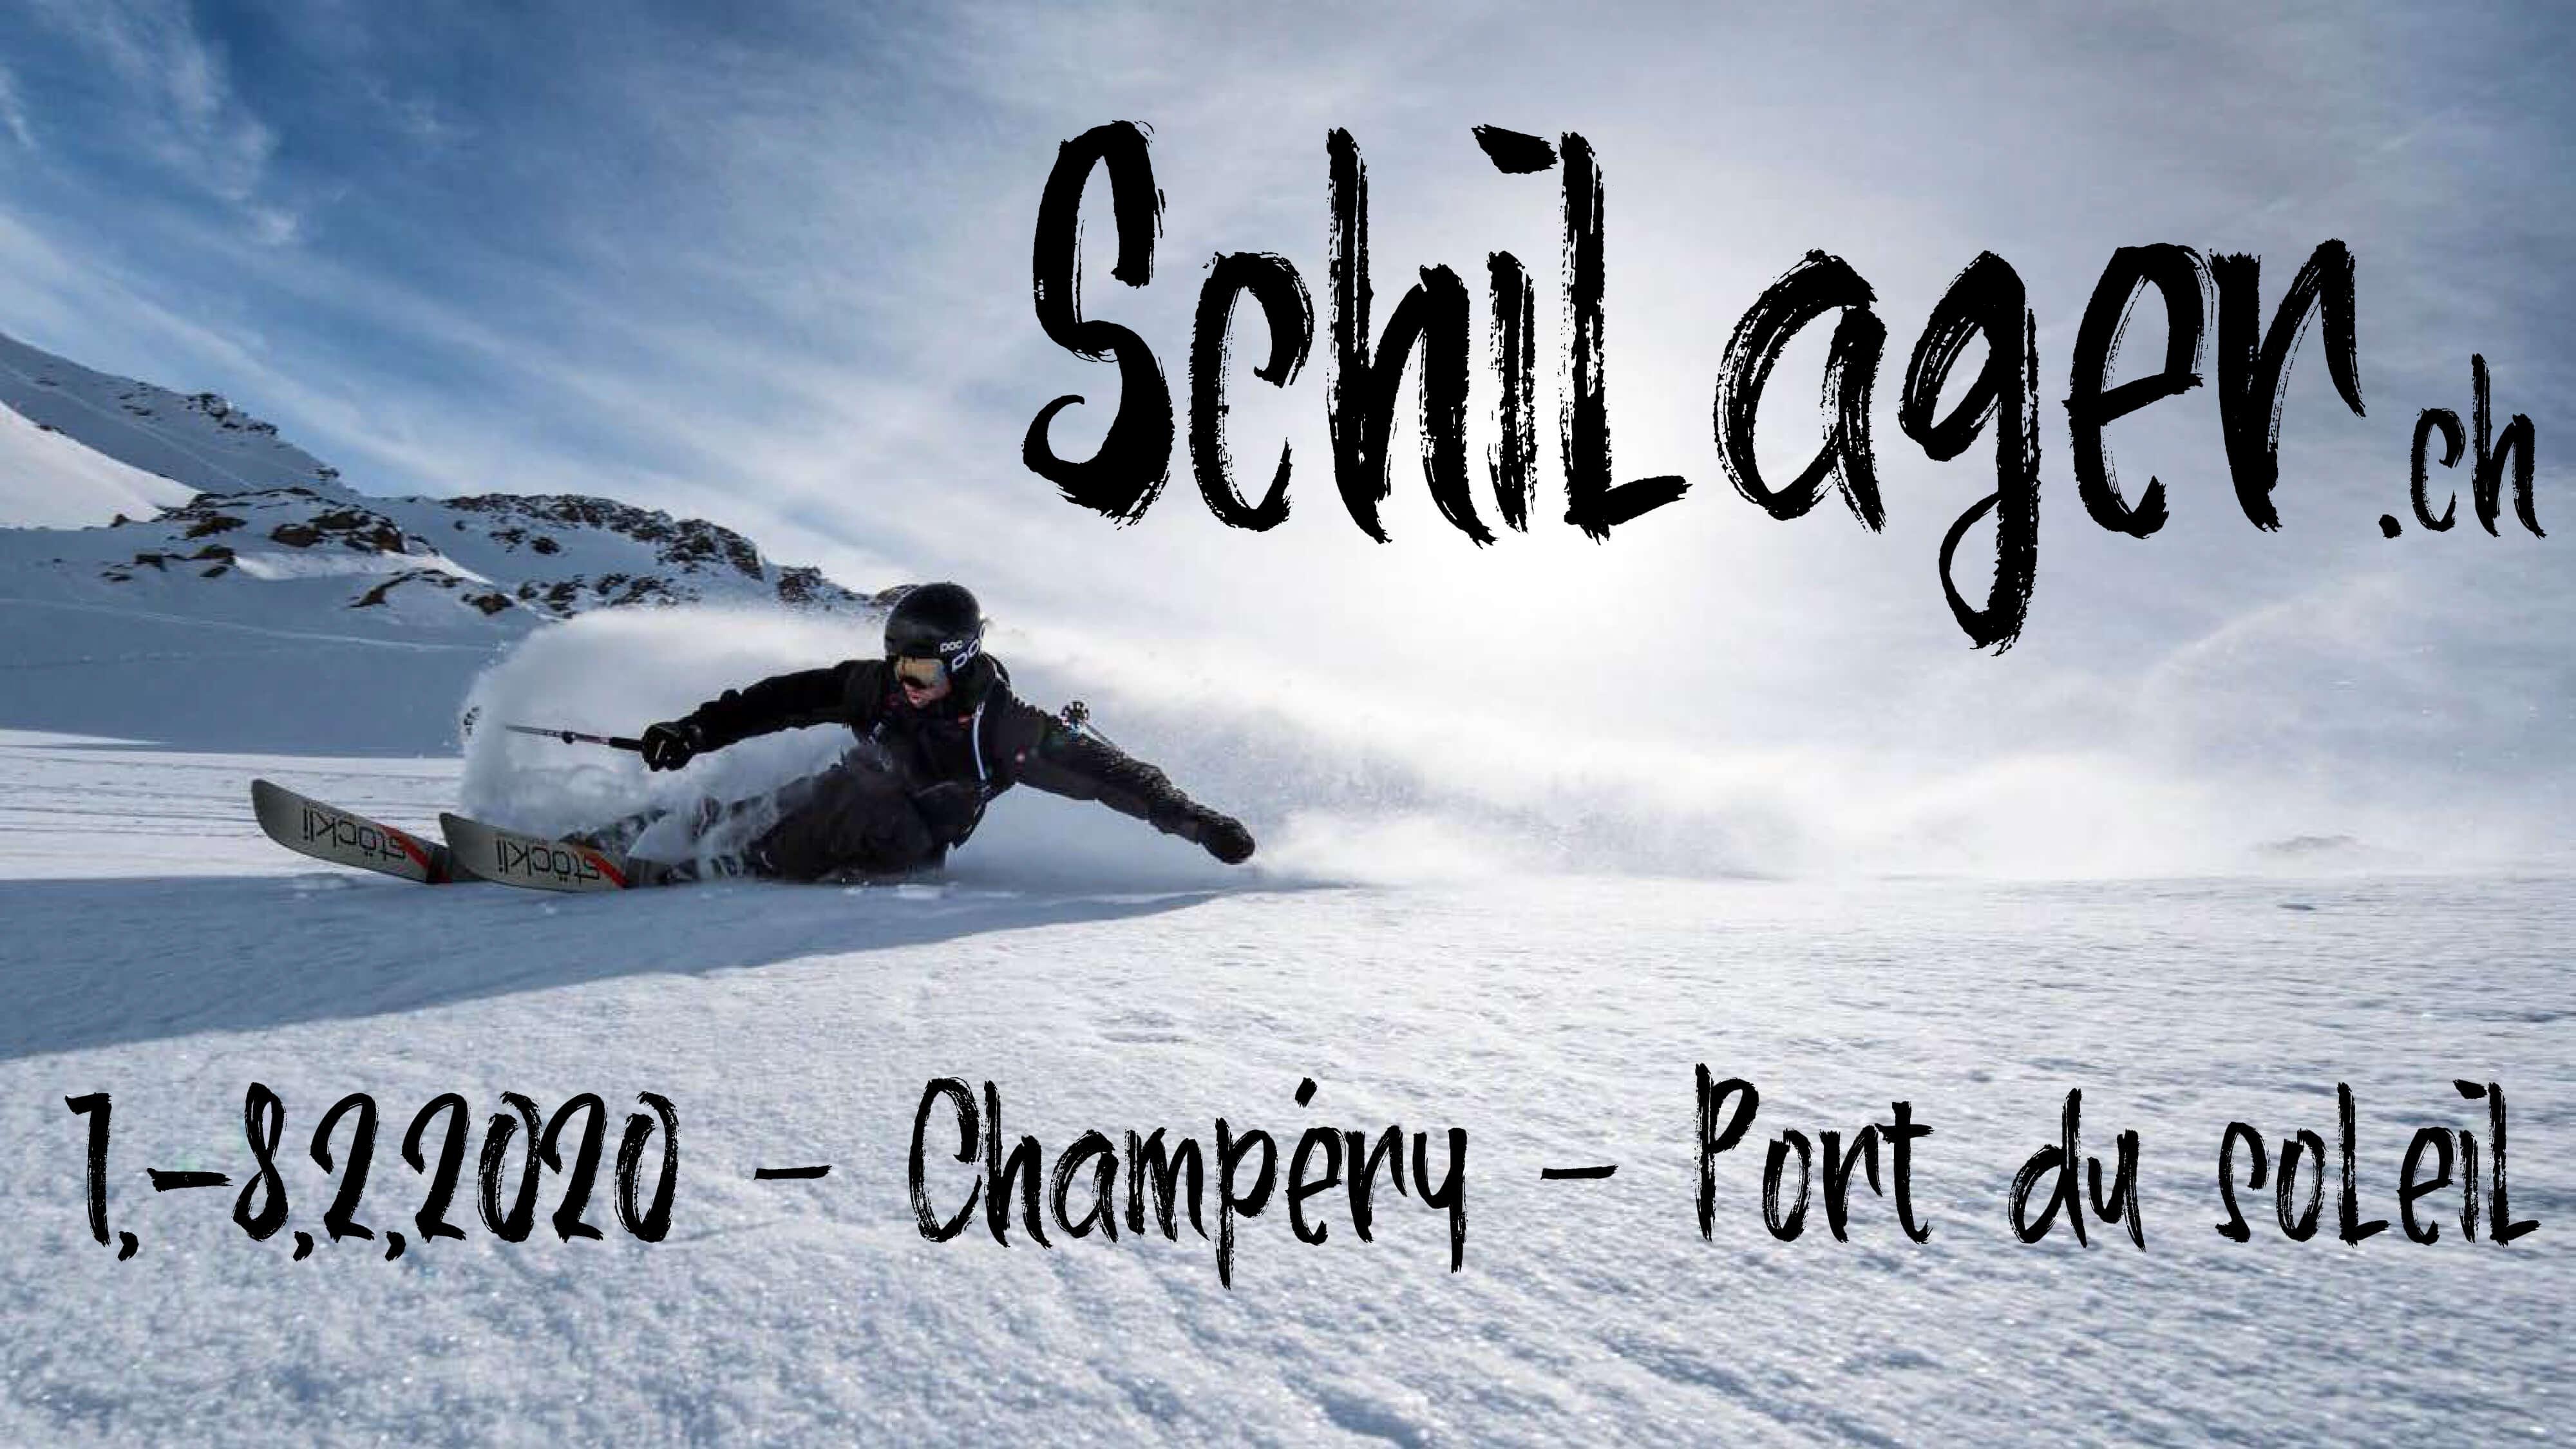 Schilager Flyer 20